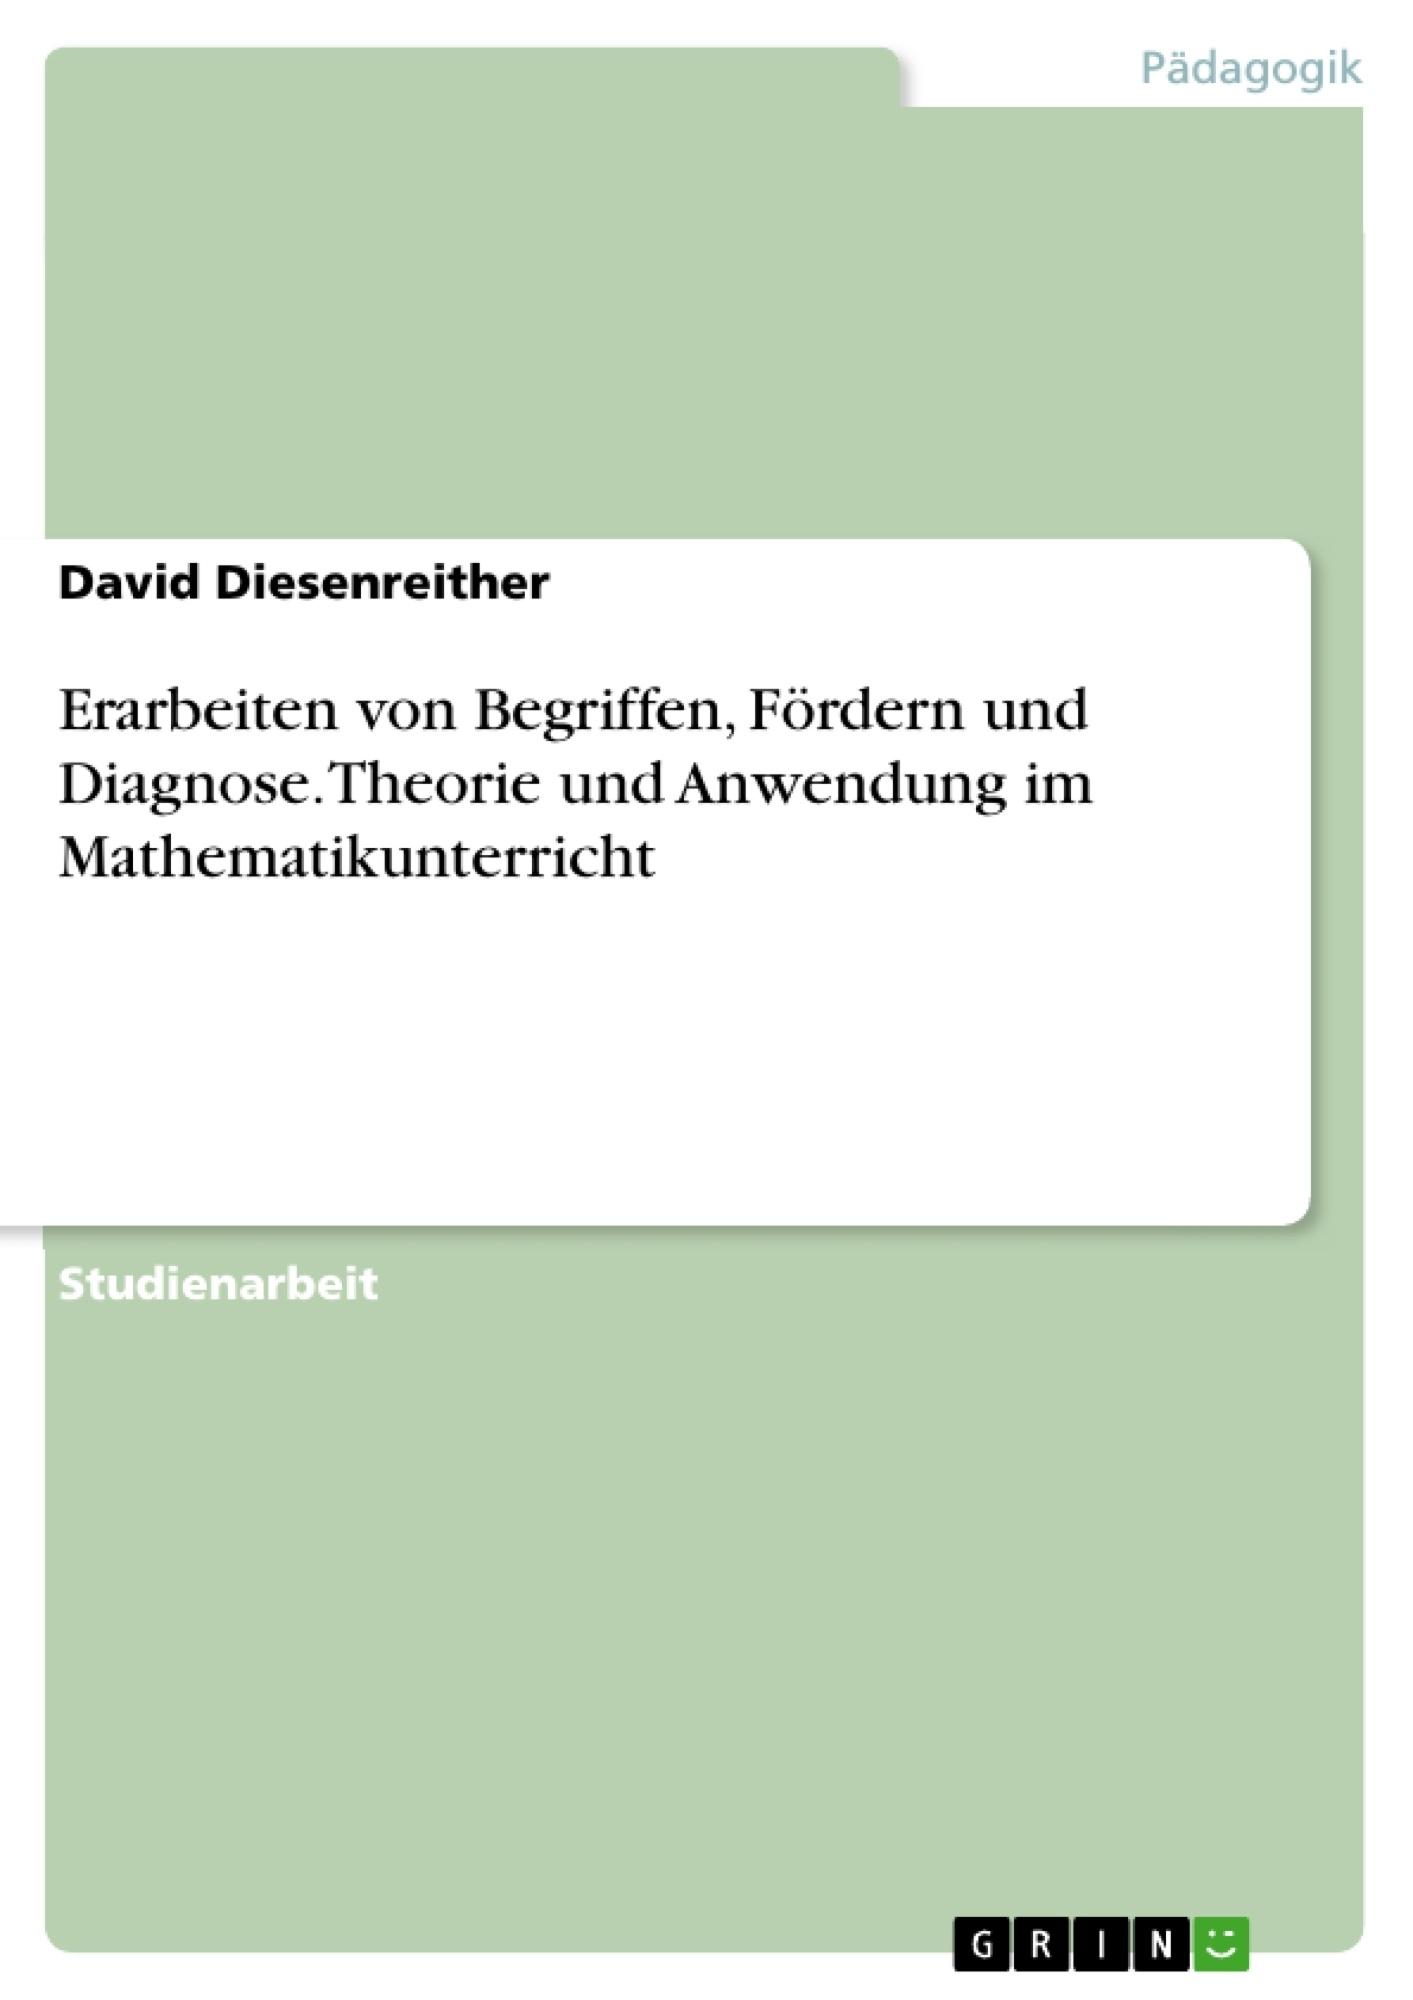 Titel: Erarbeiten von Begriffen, Fördern und Diagnose. Theorie und Anwendung im Mathematikunterricht